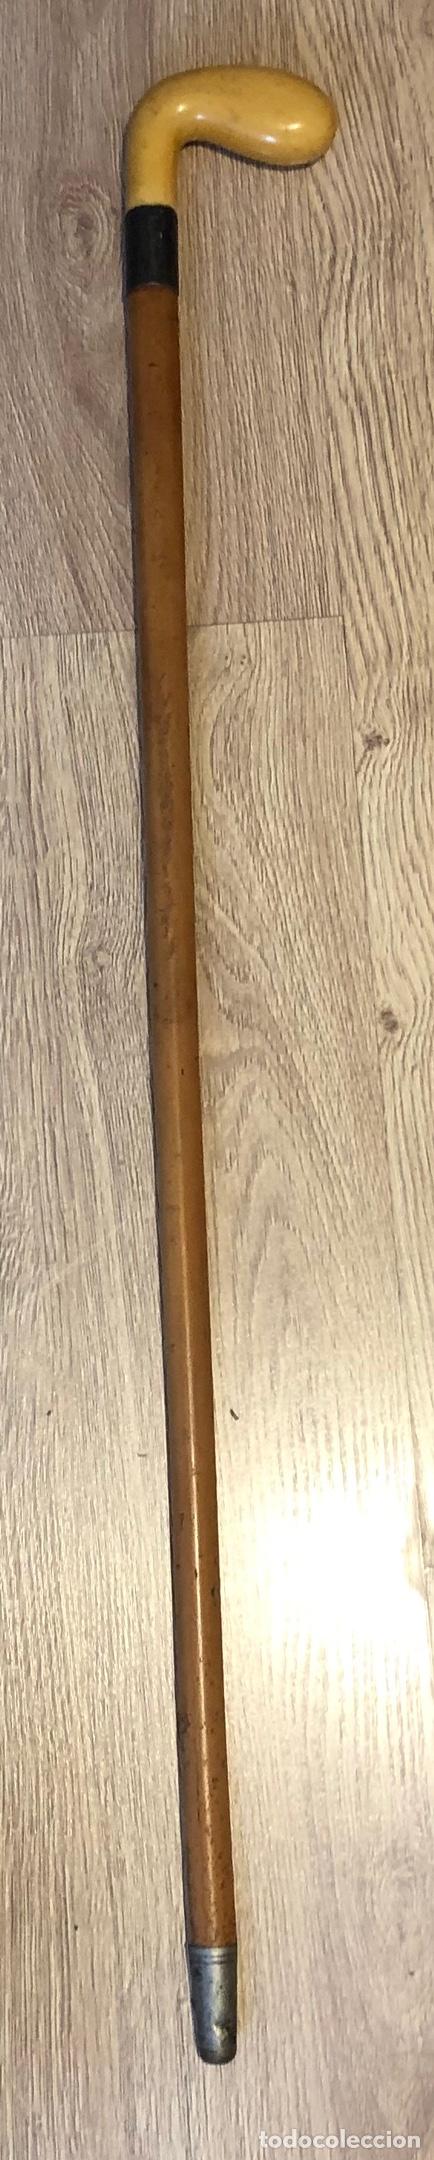 ANTIGUO BASTÓN CON EMPUÑADURA DE MARFIL, EN FORMA DE PALO DE GOLF. (Antigüedades - Moda - Bastones Antiguos)